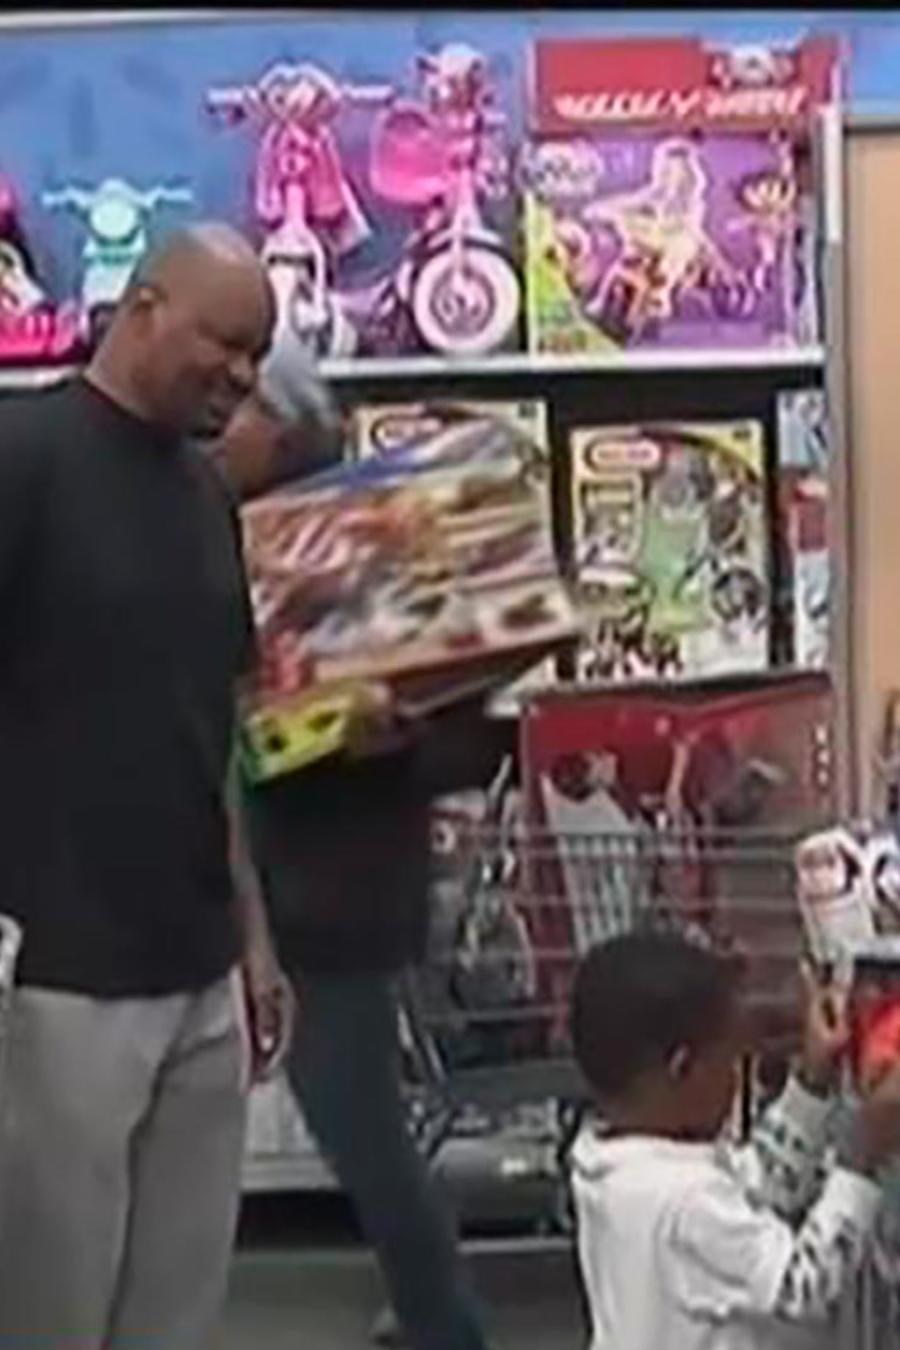 Mientras miles de personas festejan el Día de Acción de Gracias, otras se van de compras